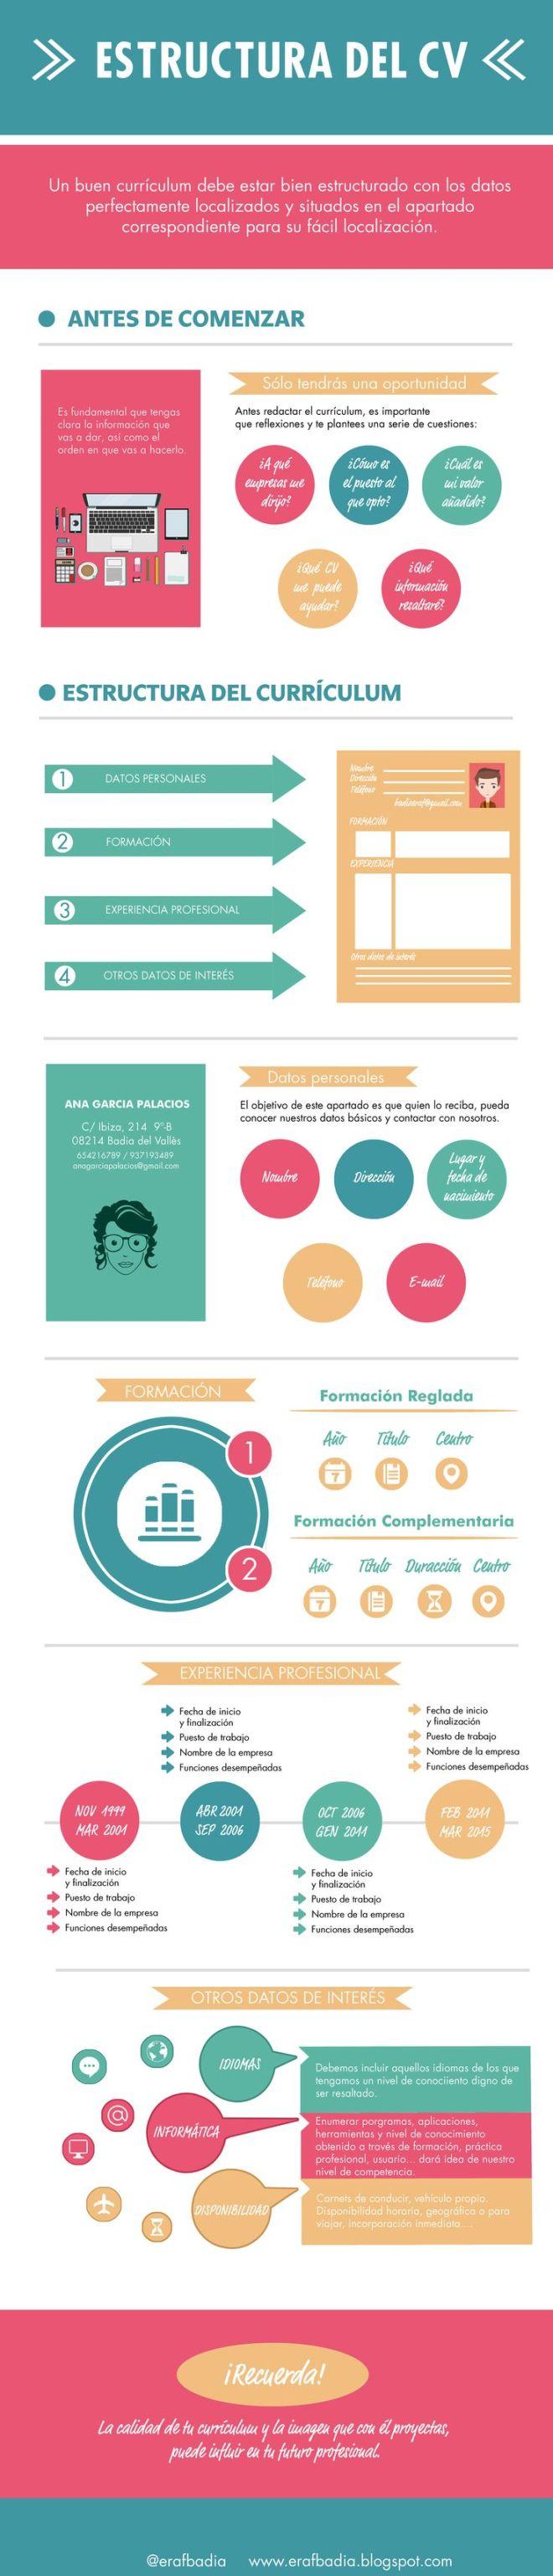 Estructura y contenido de un Curriculum